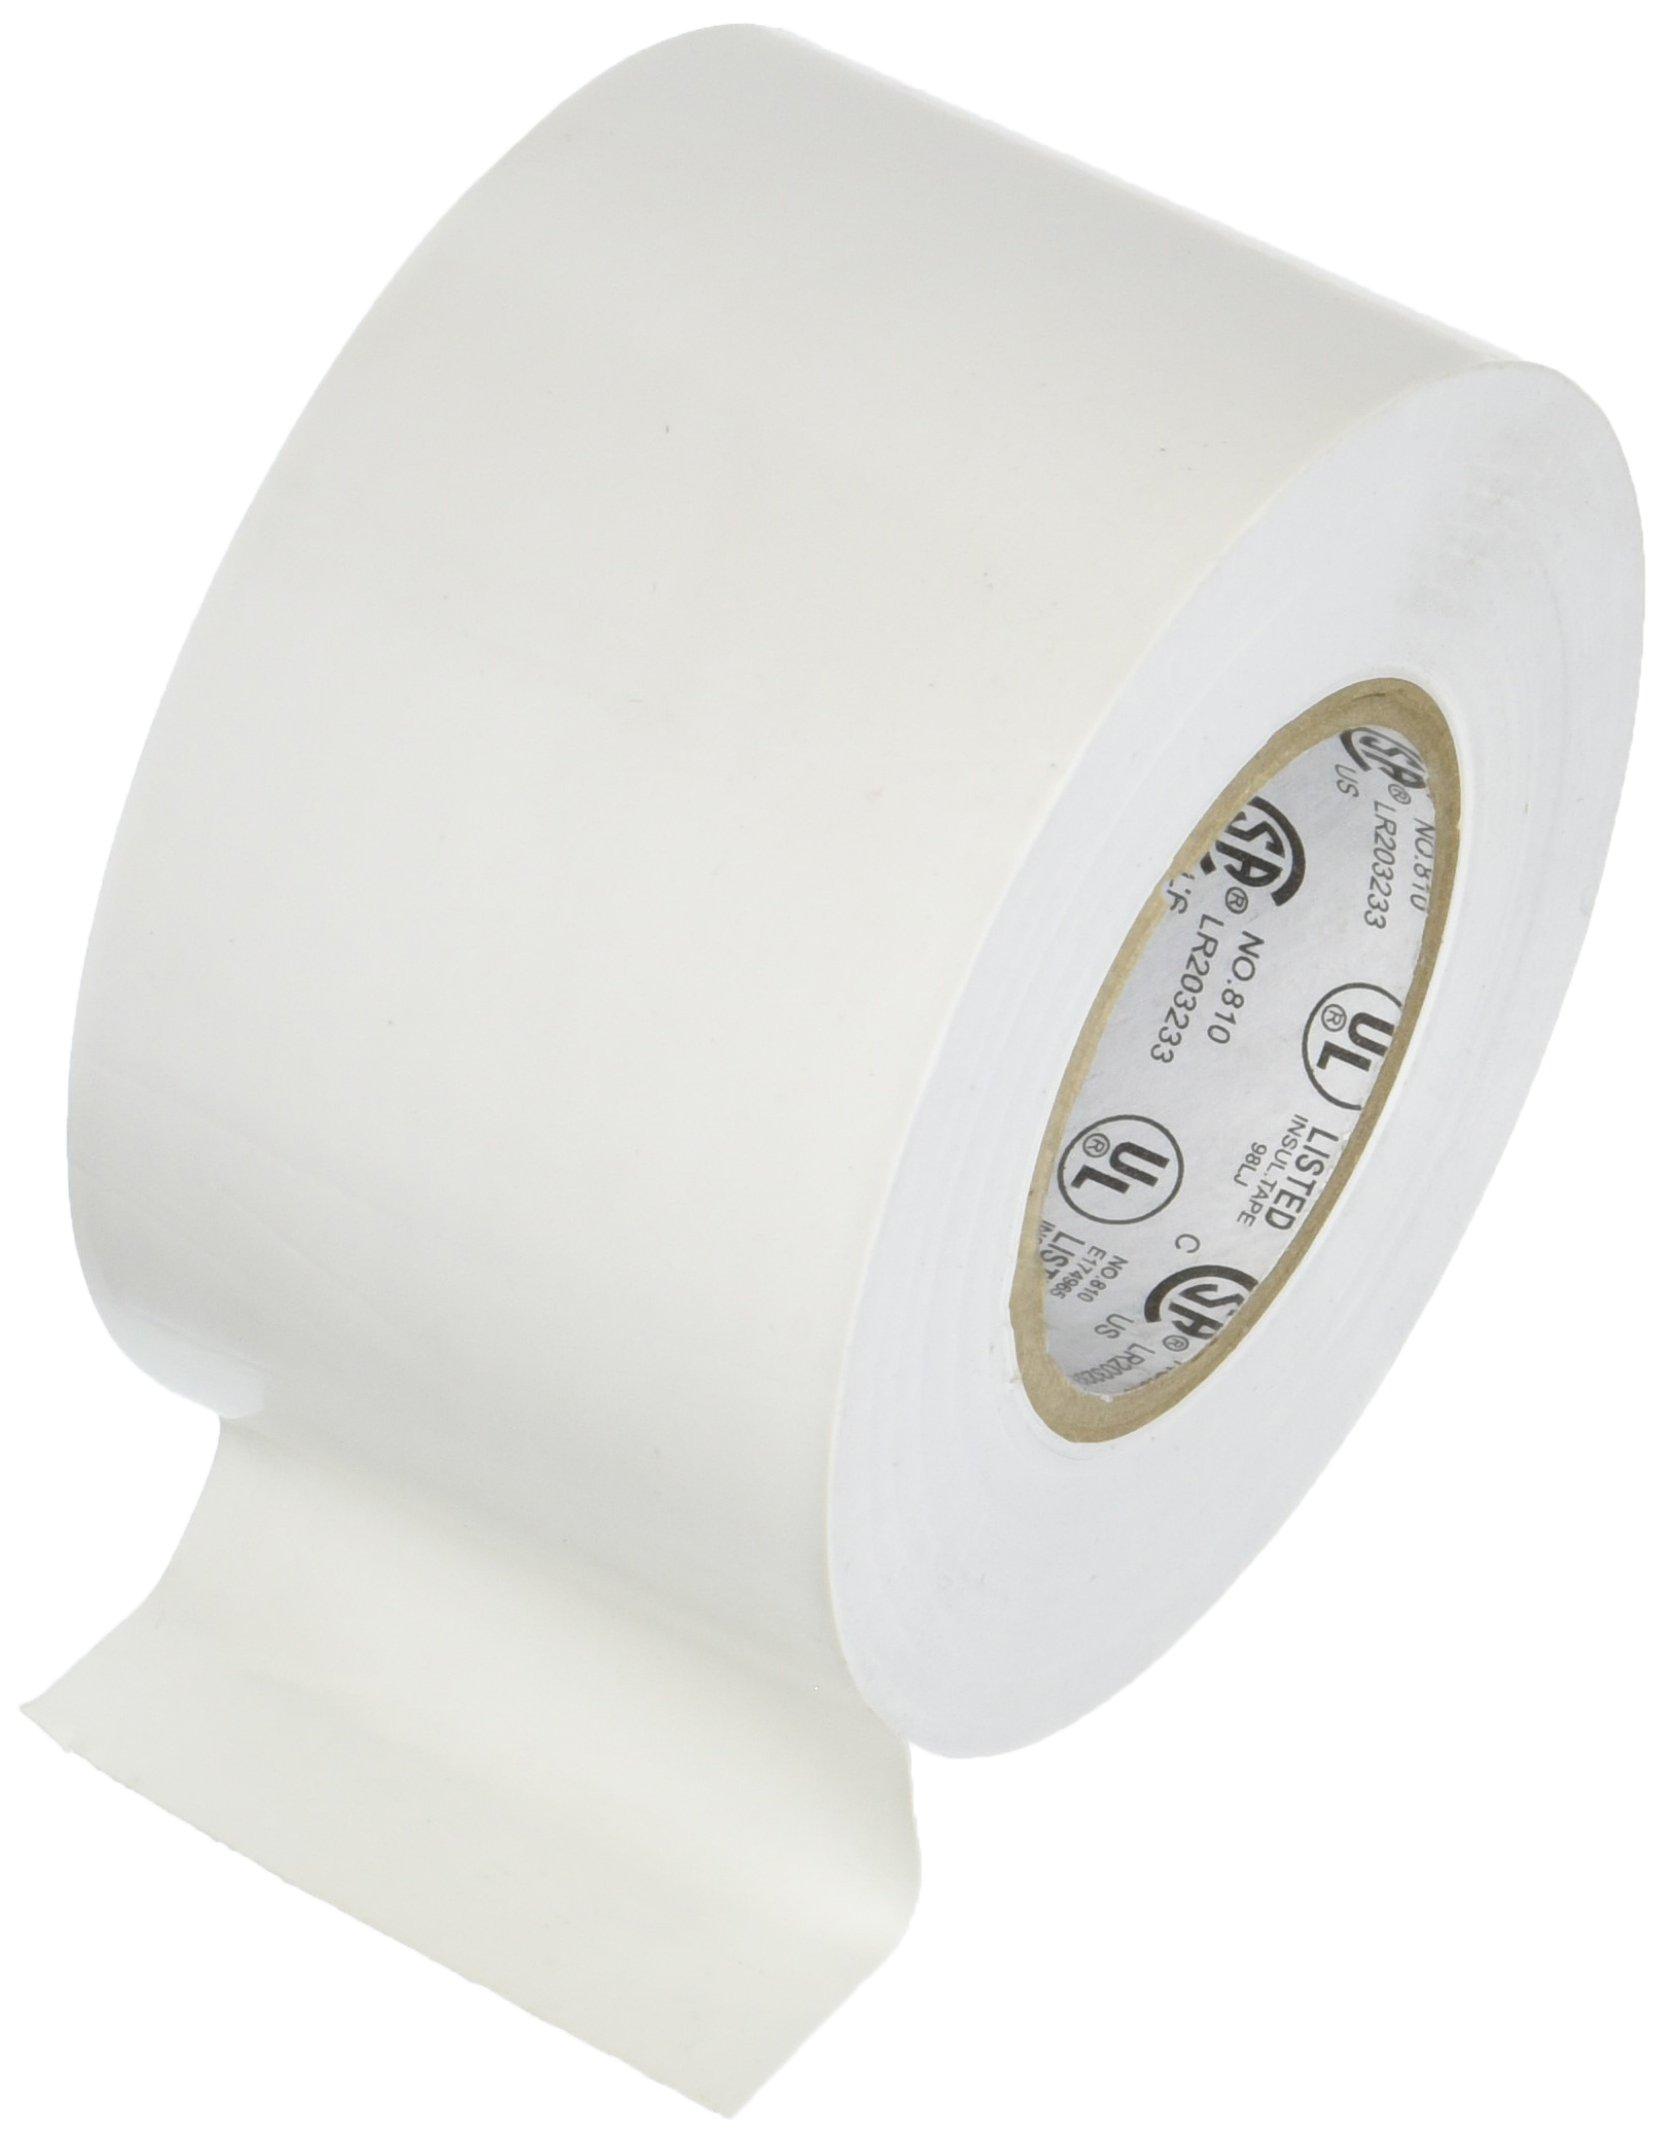 1//4 tube diameter UPC PH1//2-N4UT PISCO Fitting straight 1//8 thread size NPT